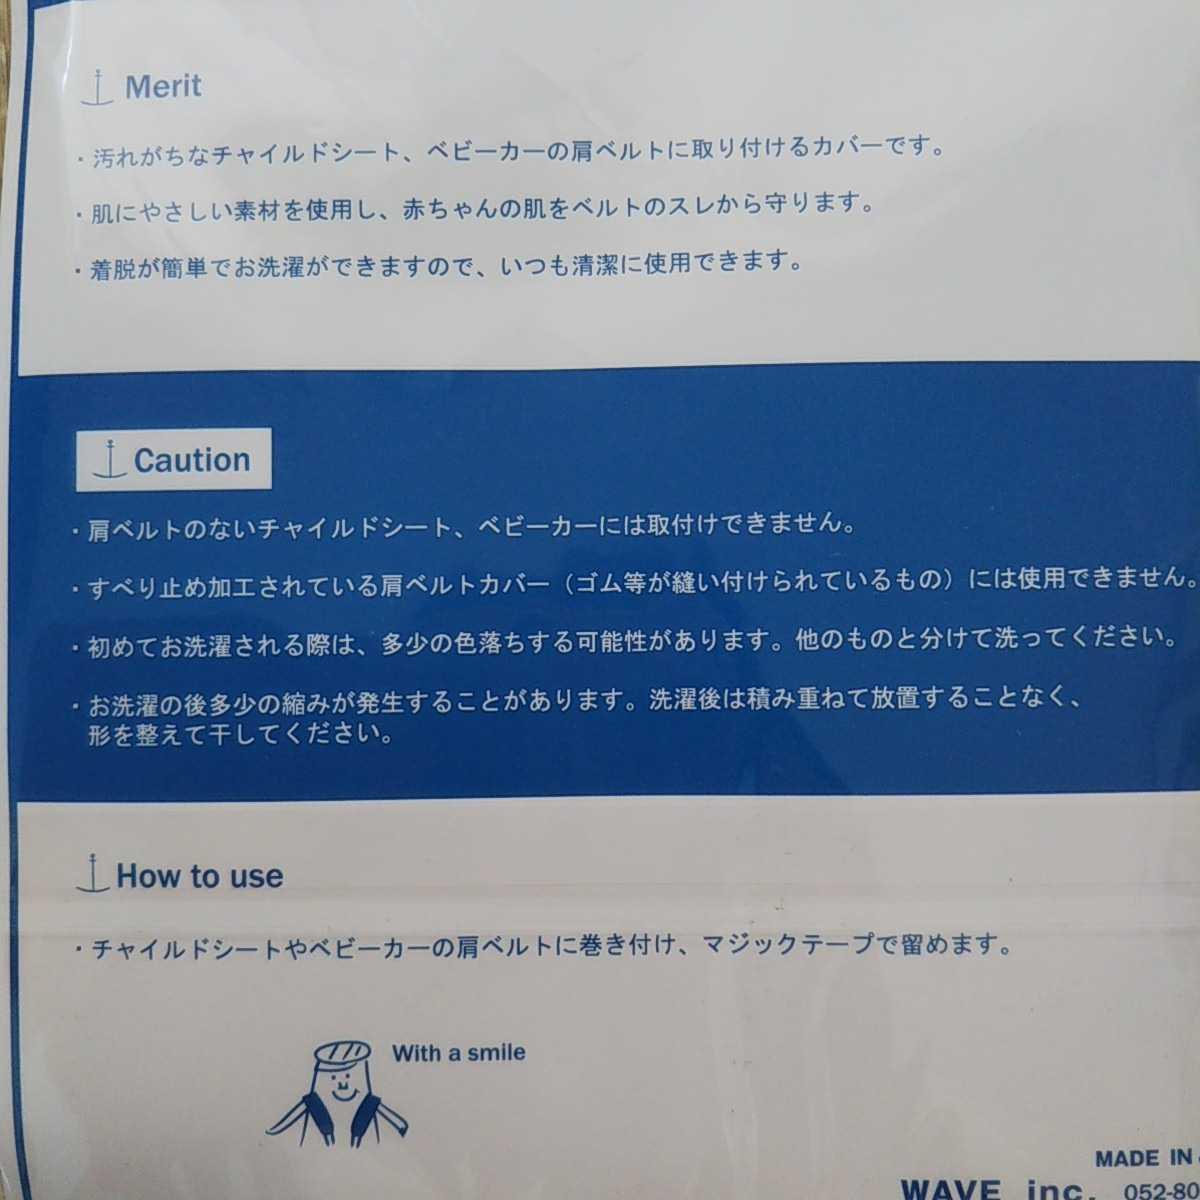 新品未使用未開封☆cocowalk baby ベルトカバー 水色ドット 抱っこひも チャイルドシートカバー ベビーカー肩ベルトに 日本製 ココウォーク_画像3